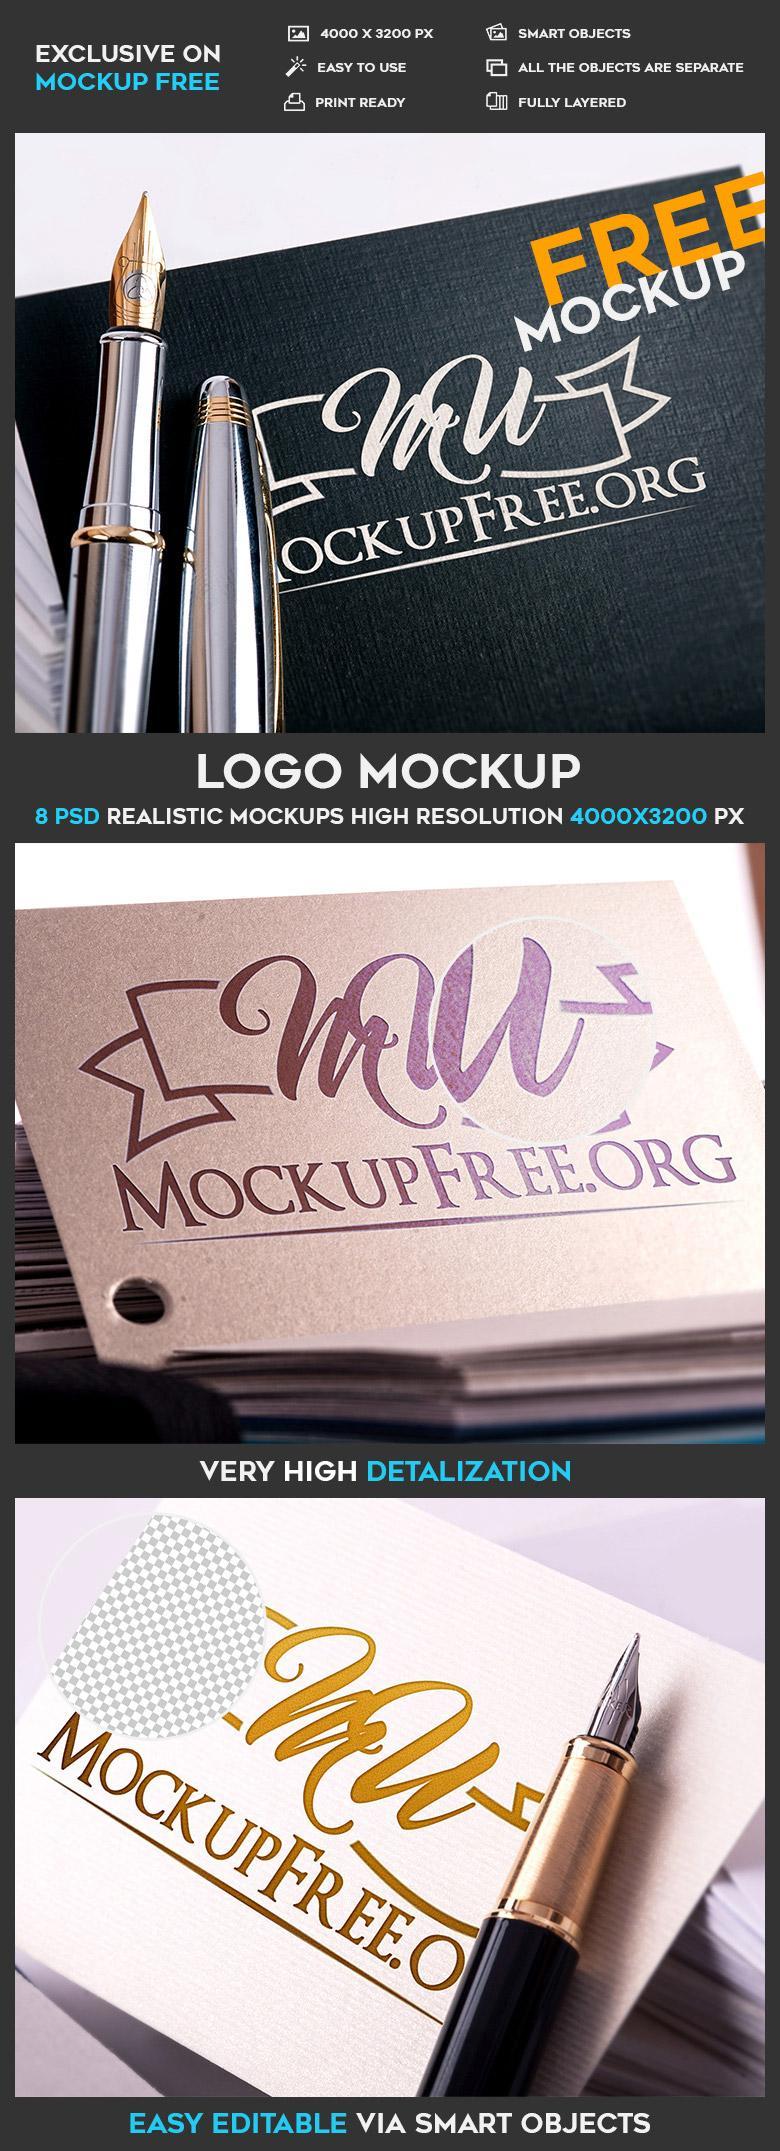 8 Free Photorealistic Logo Mockups